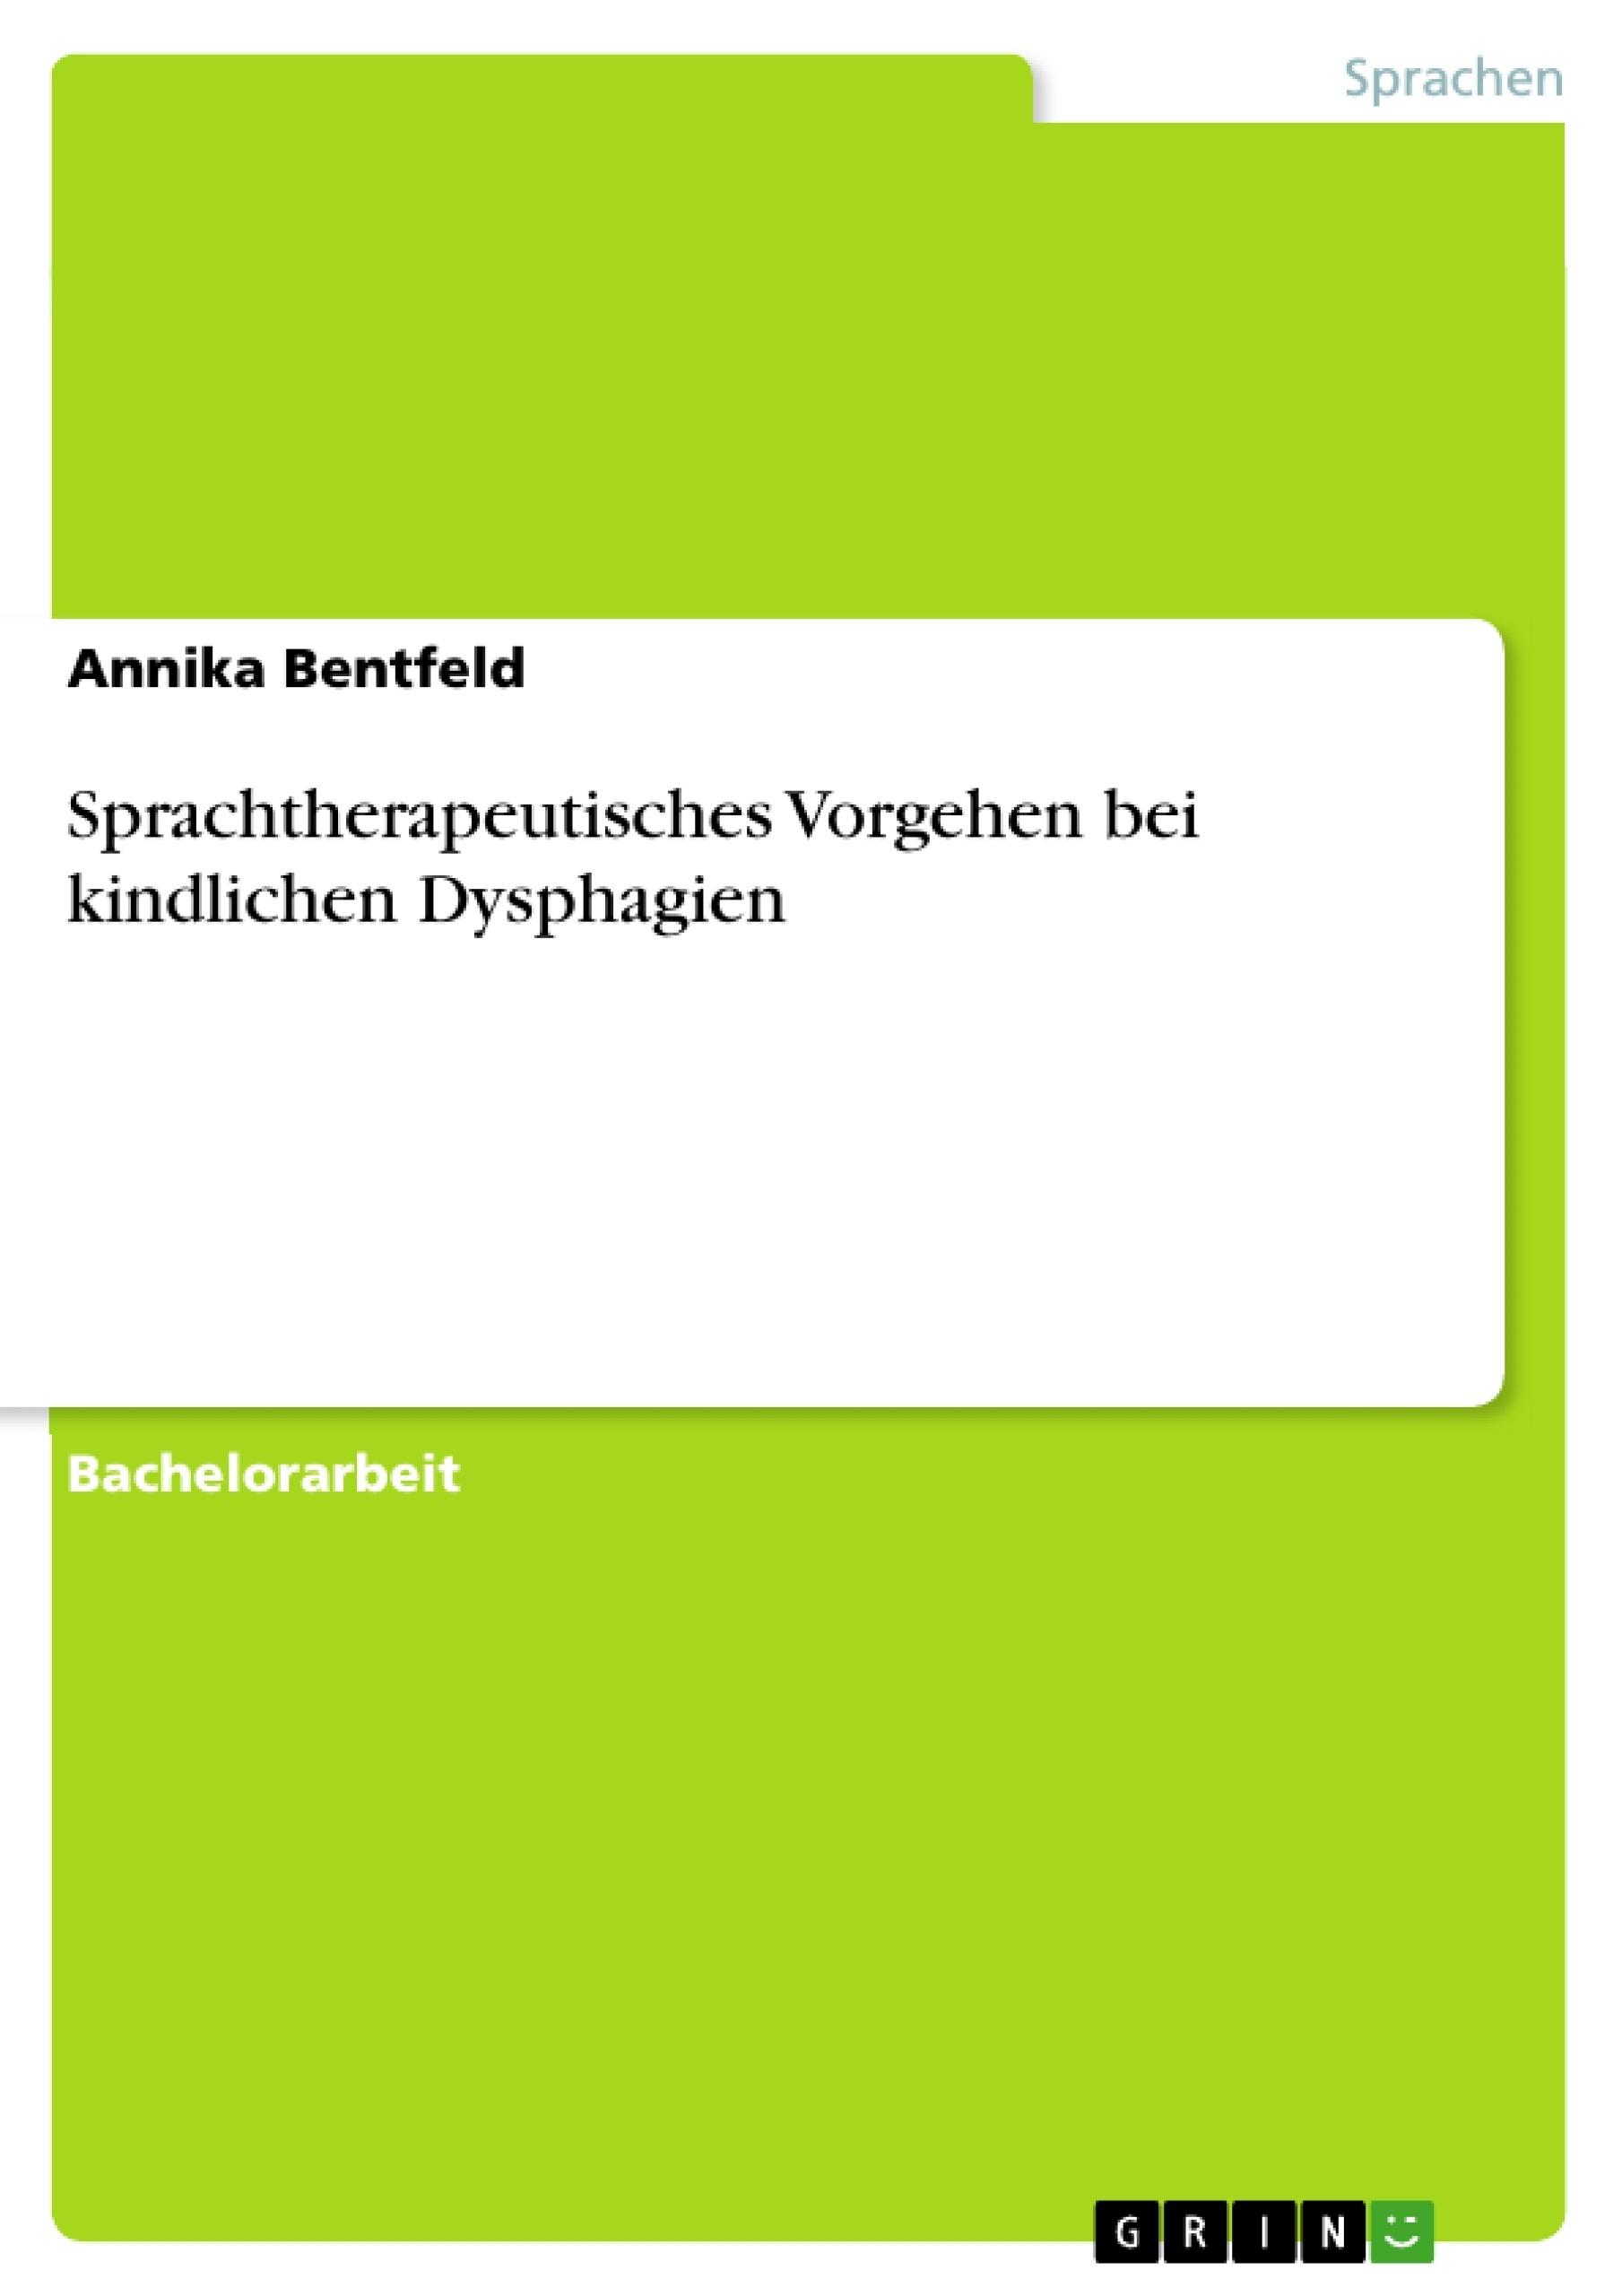 Titel: Sprachtherapeutisches Vorgehen bei kindlichen Dysphagien